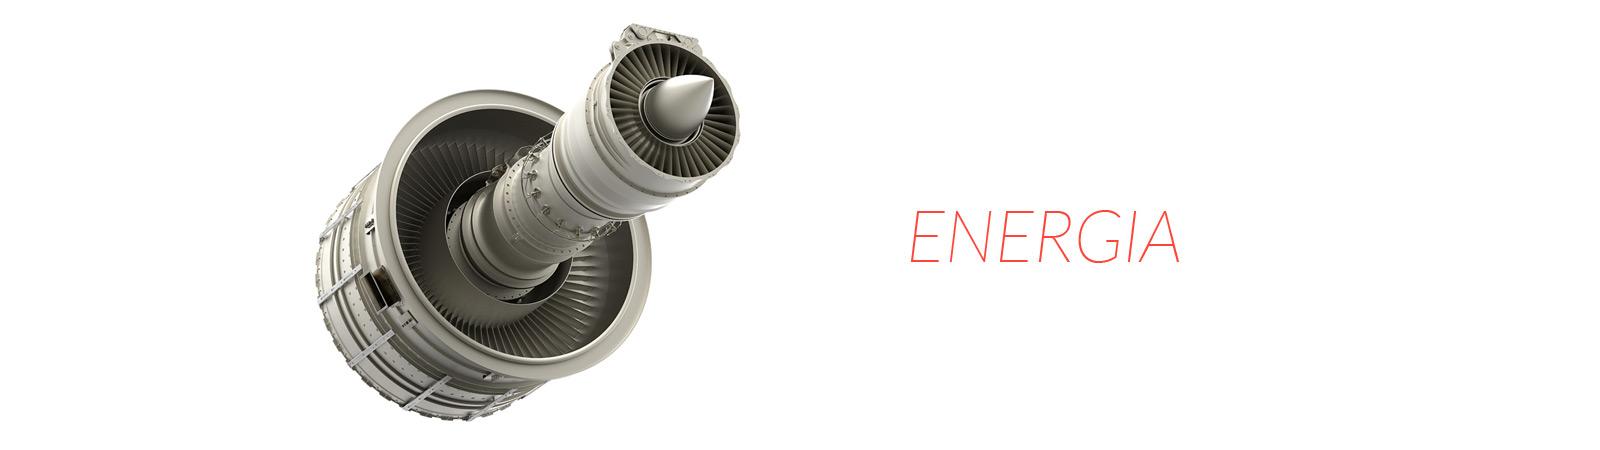 energia_slide